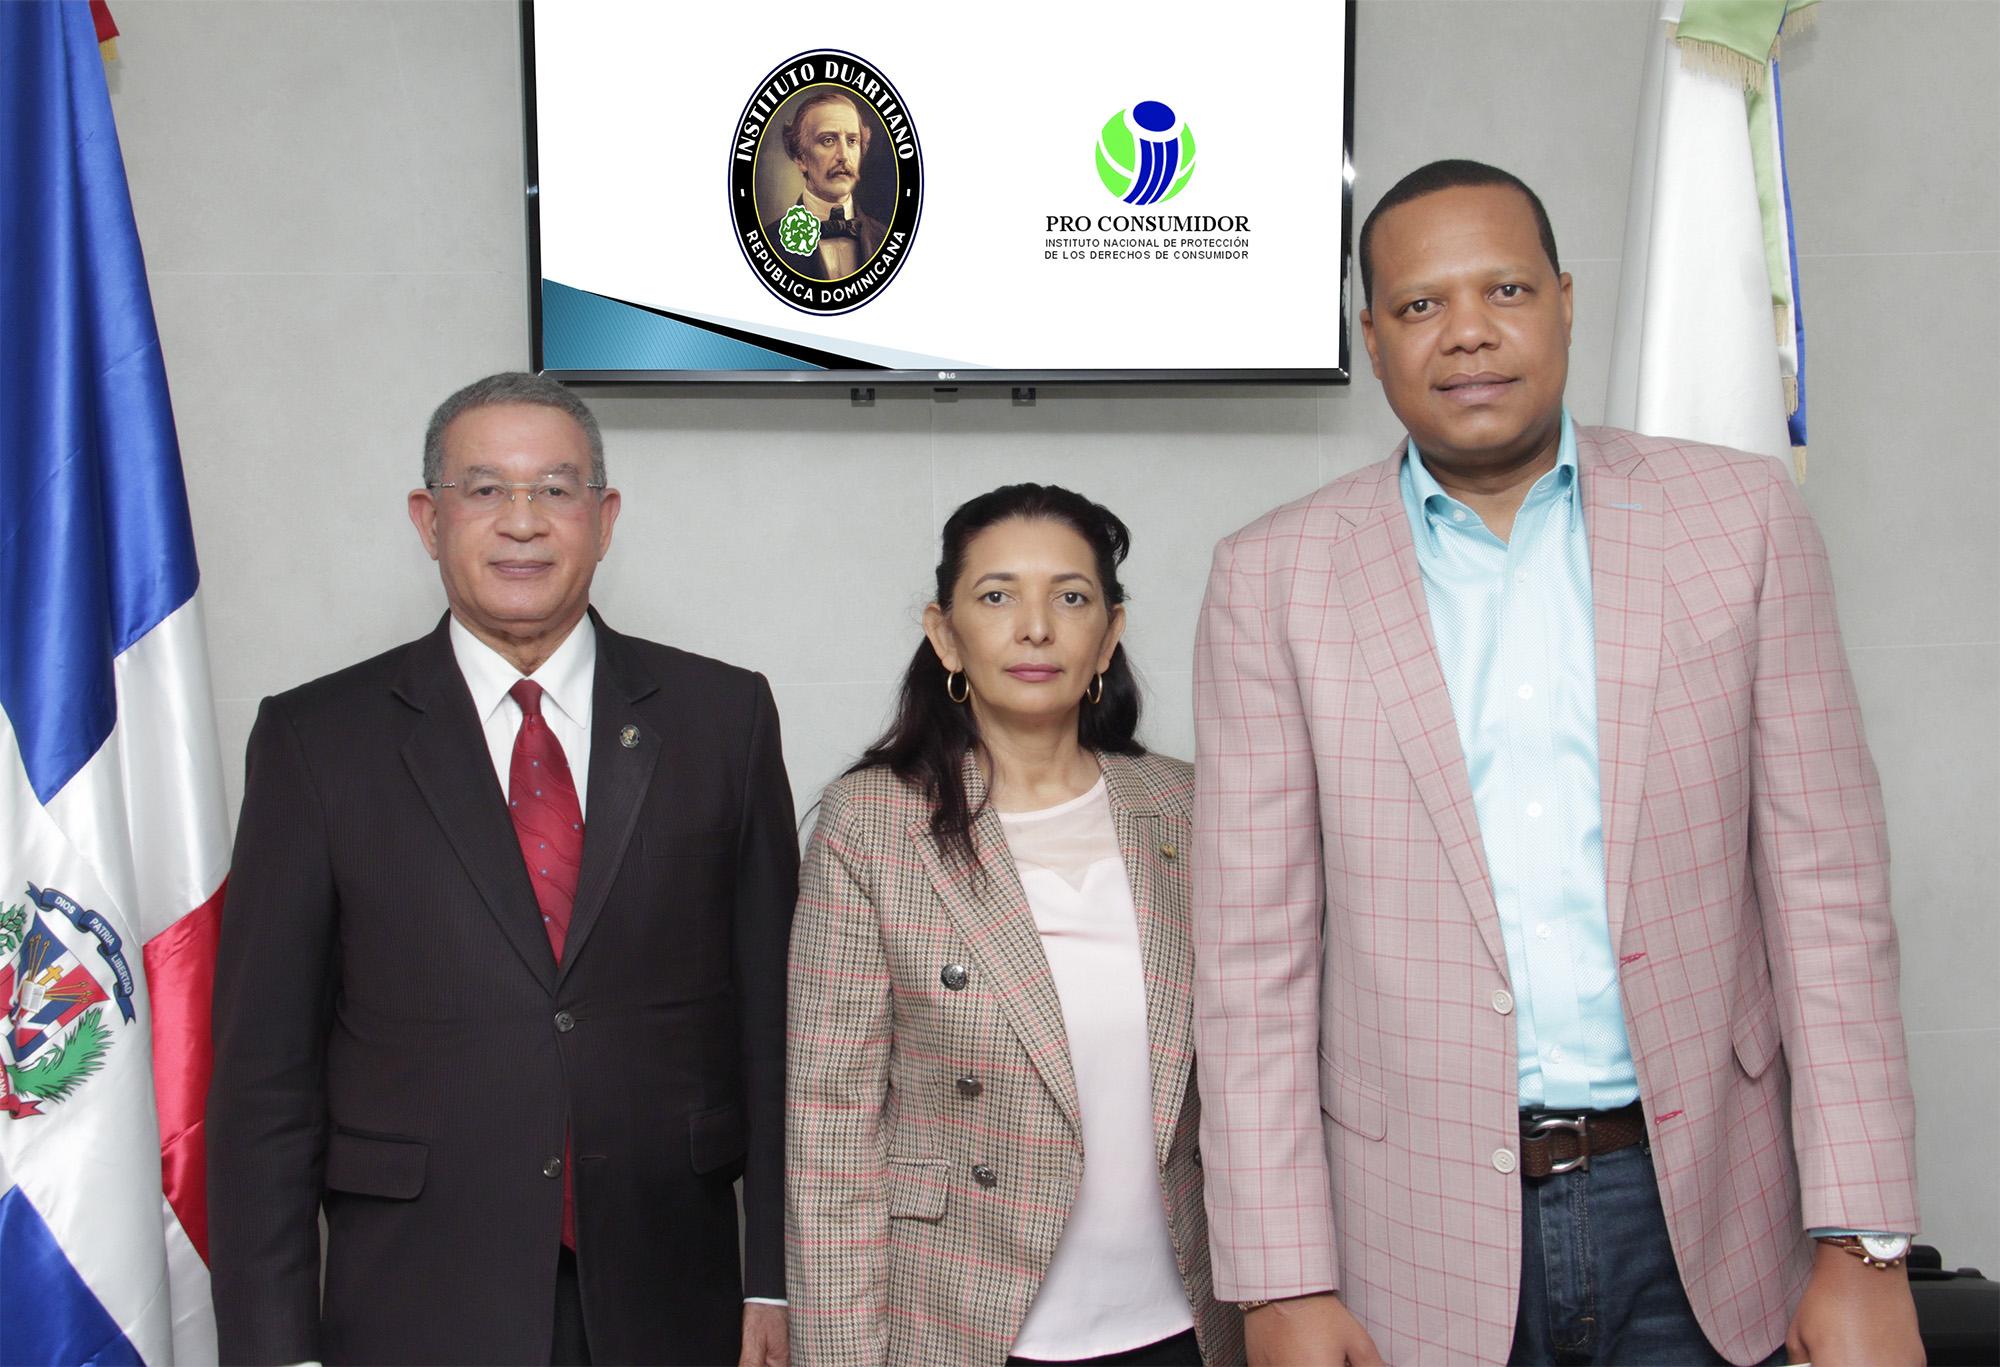 El director ejecutivo de Pro Consumidor, Eddy Alcántara, junto a la subdirectora Administrativa, María Teresa Paulino y el presidente del Instituto Duartiano, Wilson Gómez.